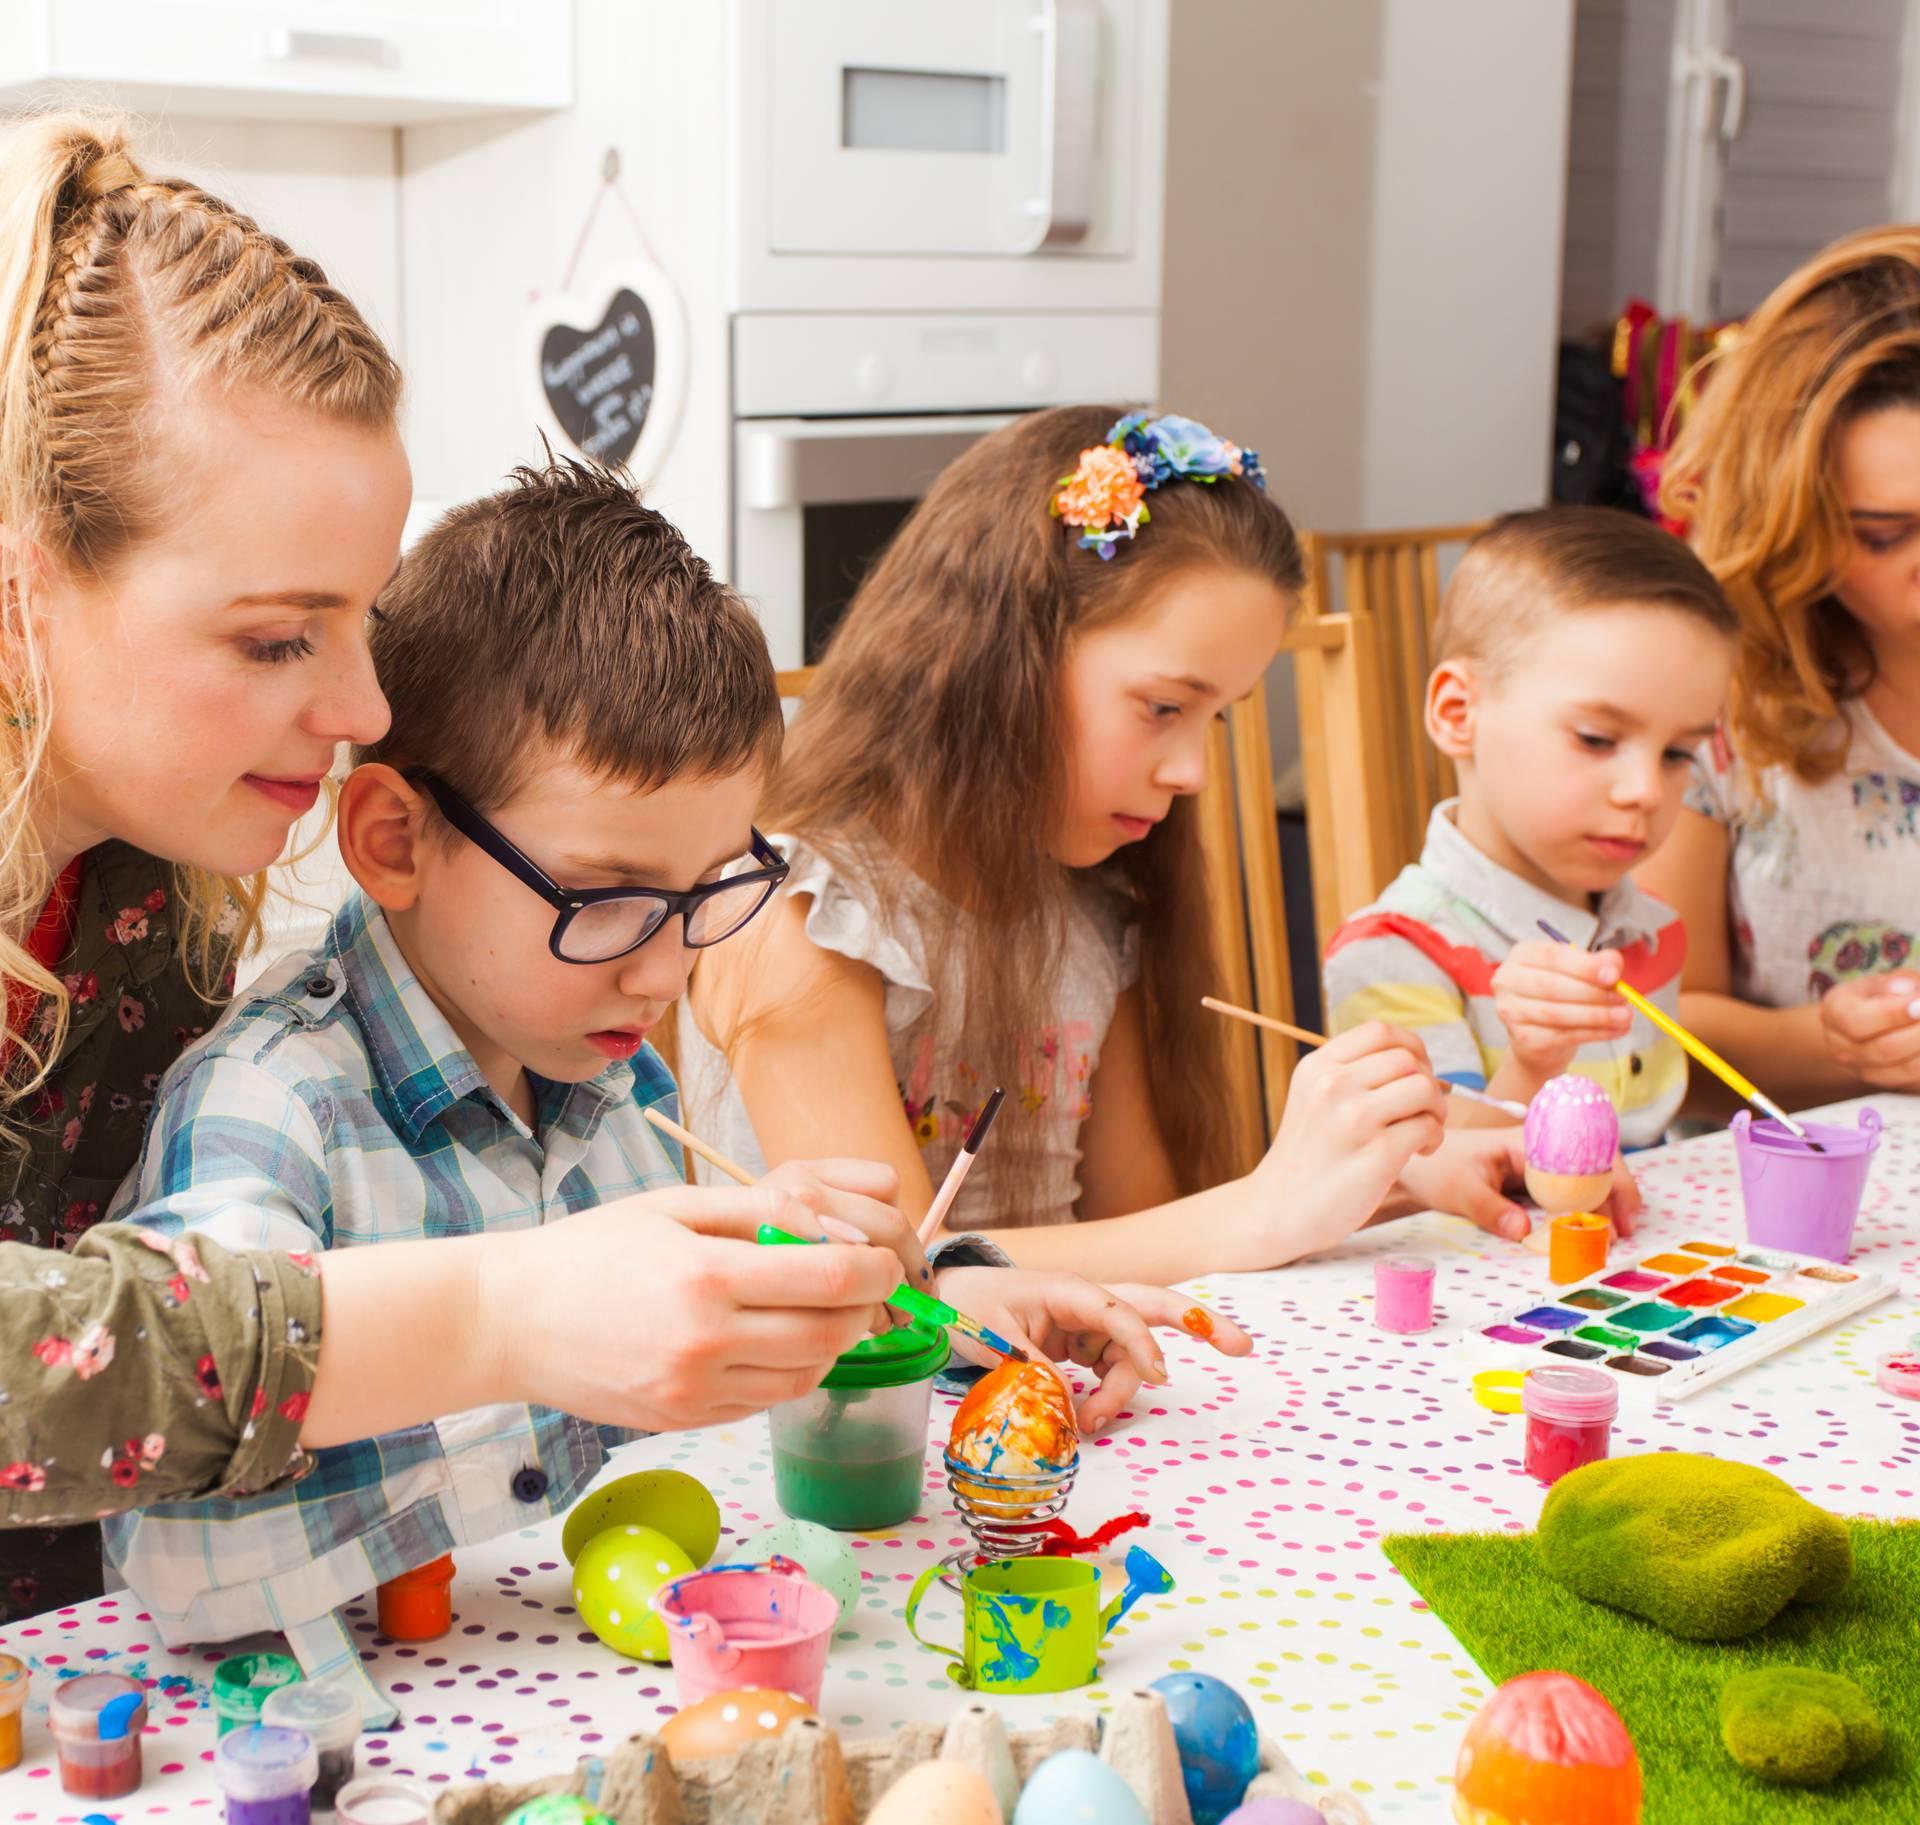 Dok ste u izolaciji zaigrajte uskrsne igre u krugu obitelji